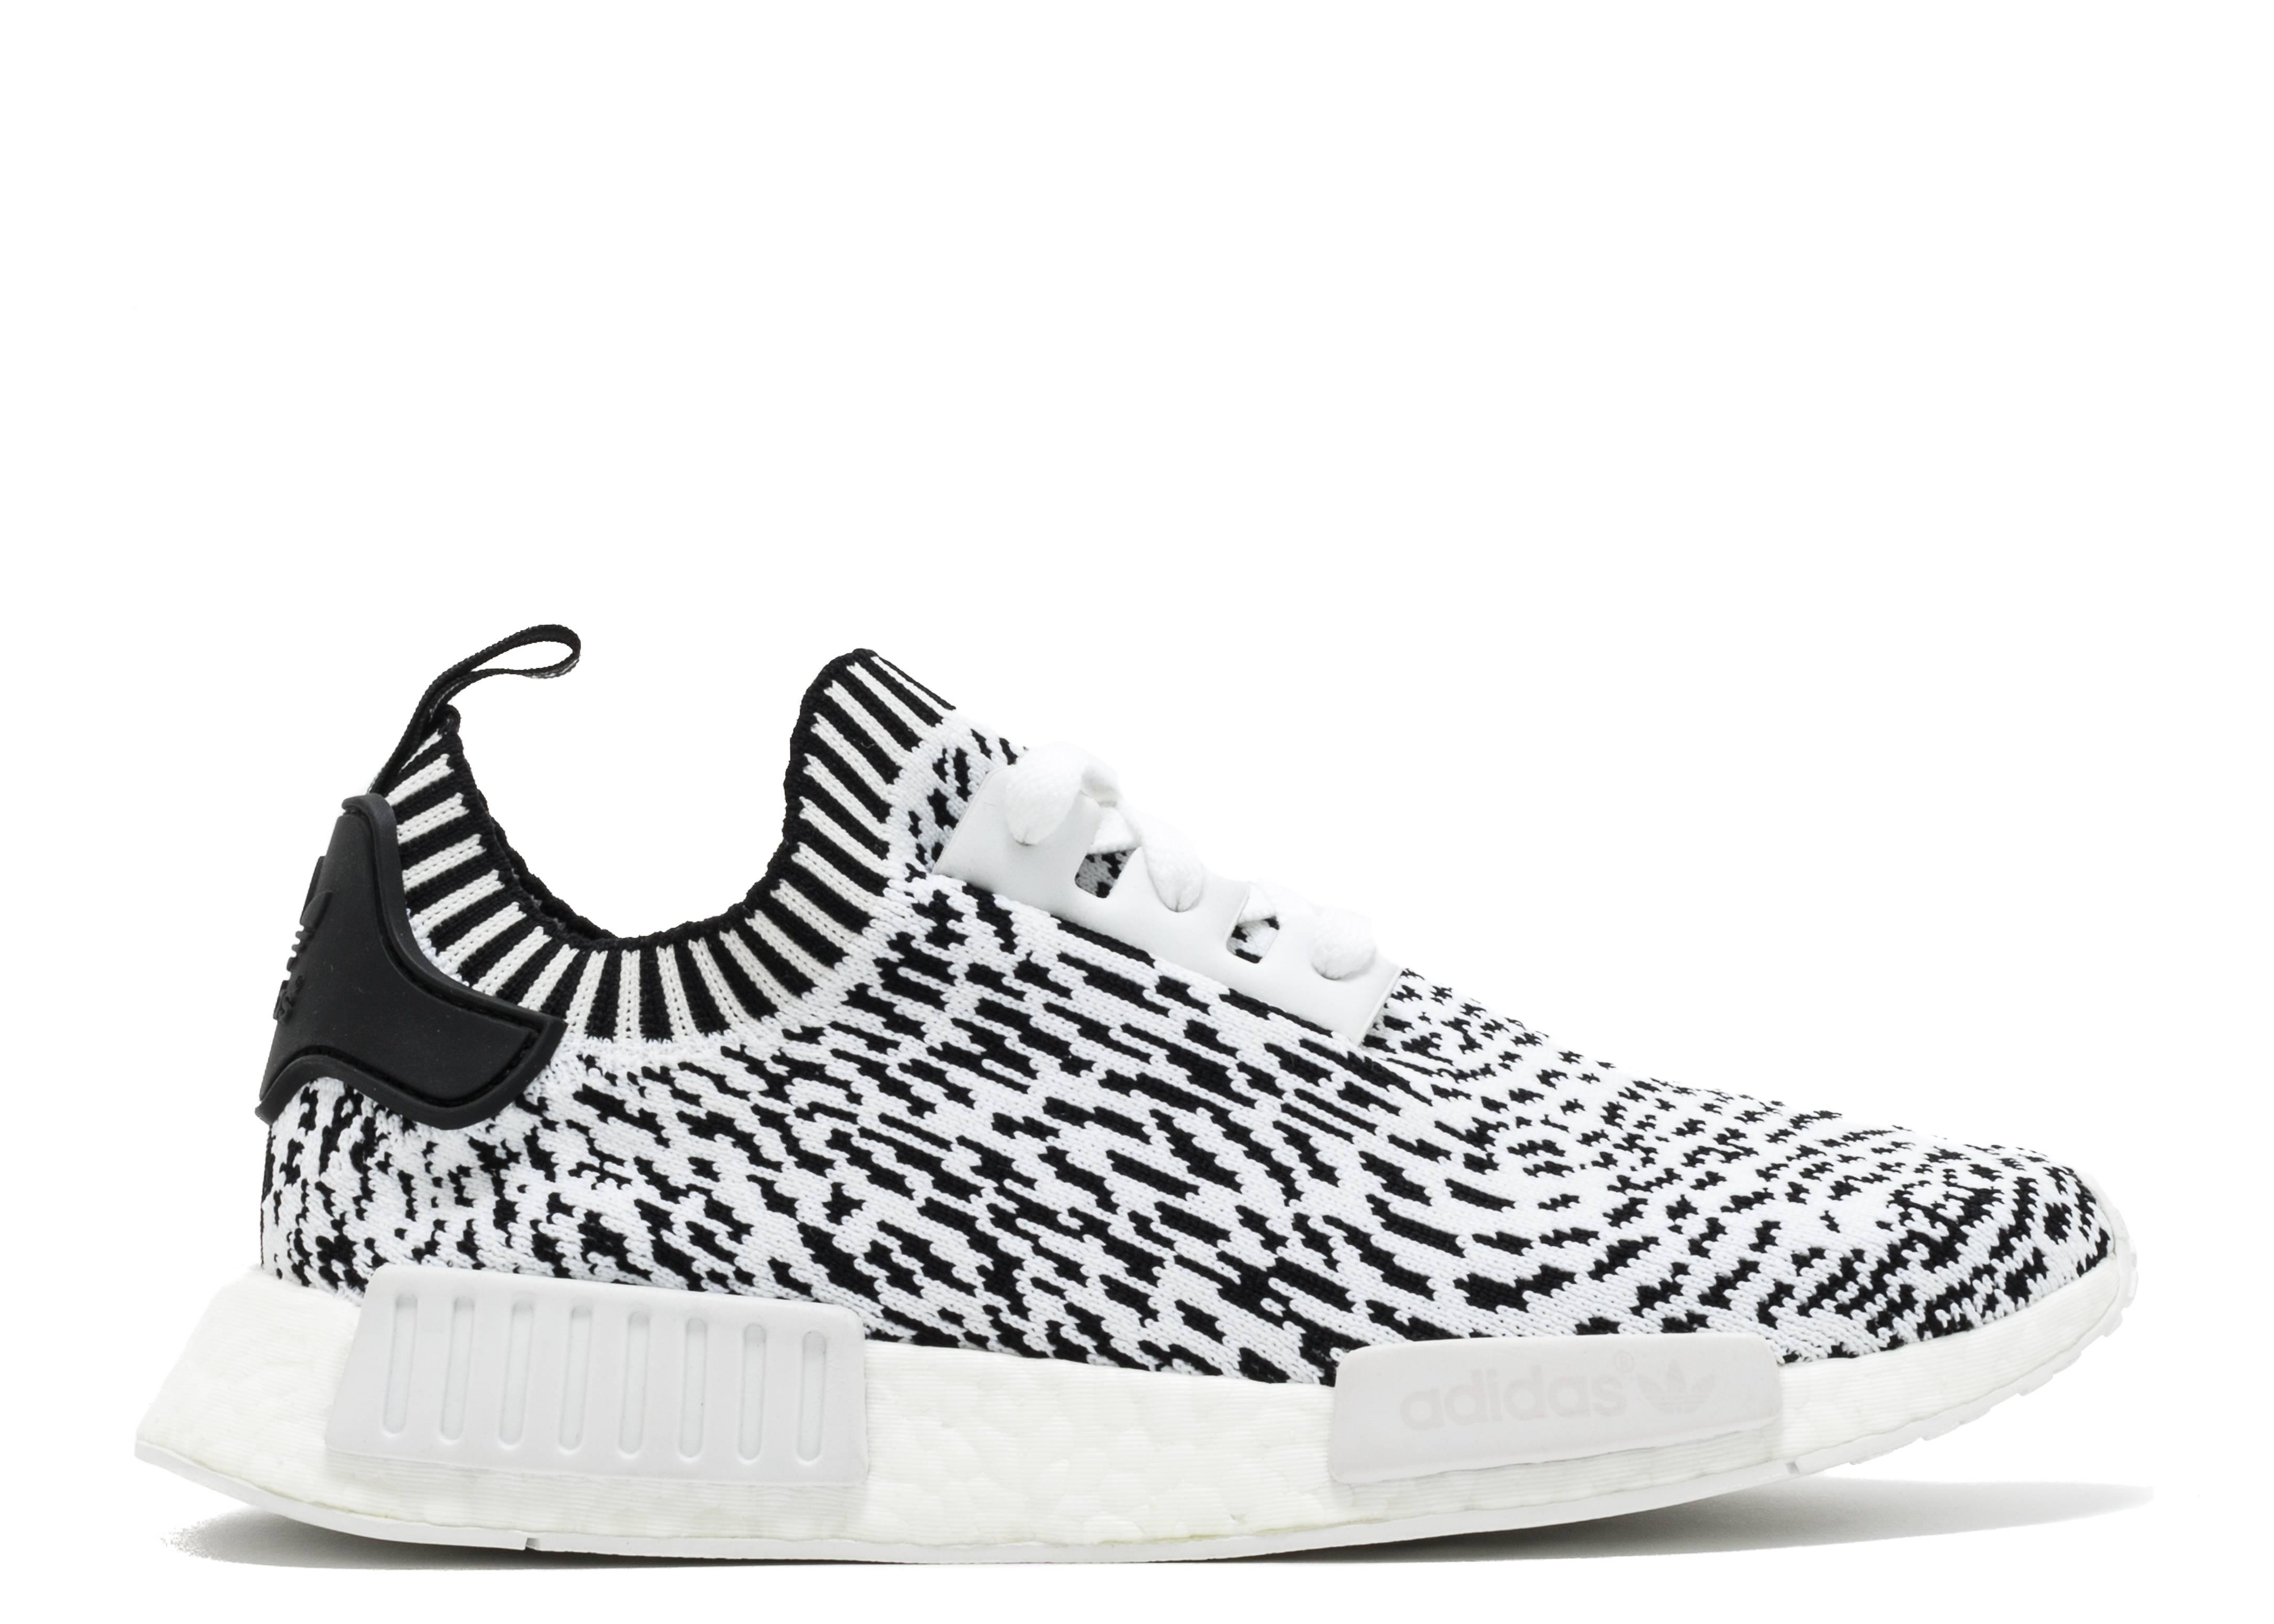 6734f2a1a34 NMD R1 PK - Adidas - bz0219 - white black white